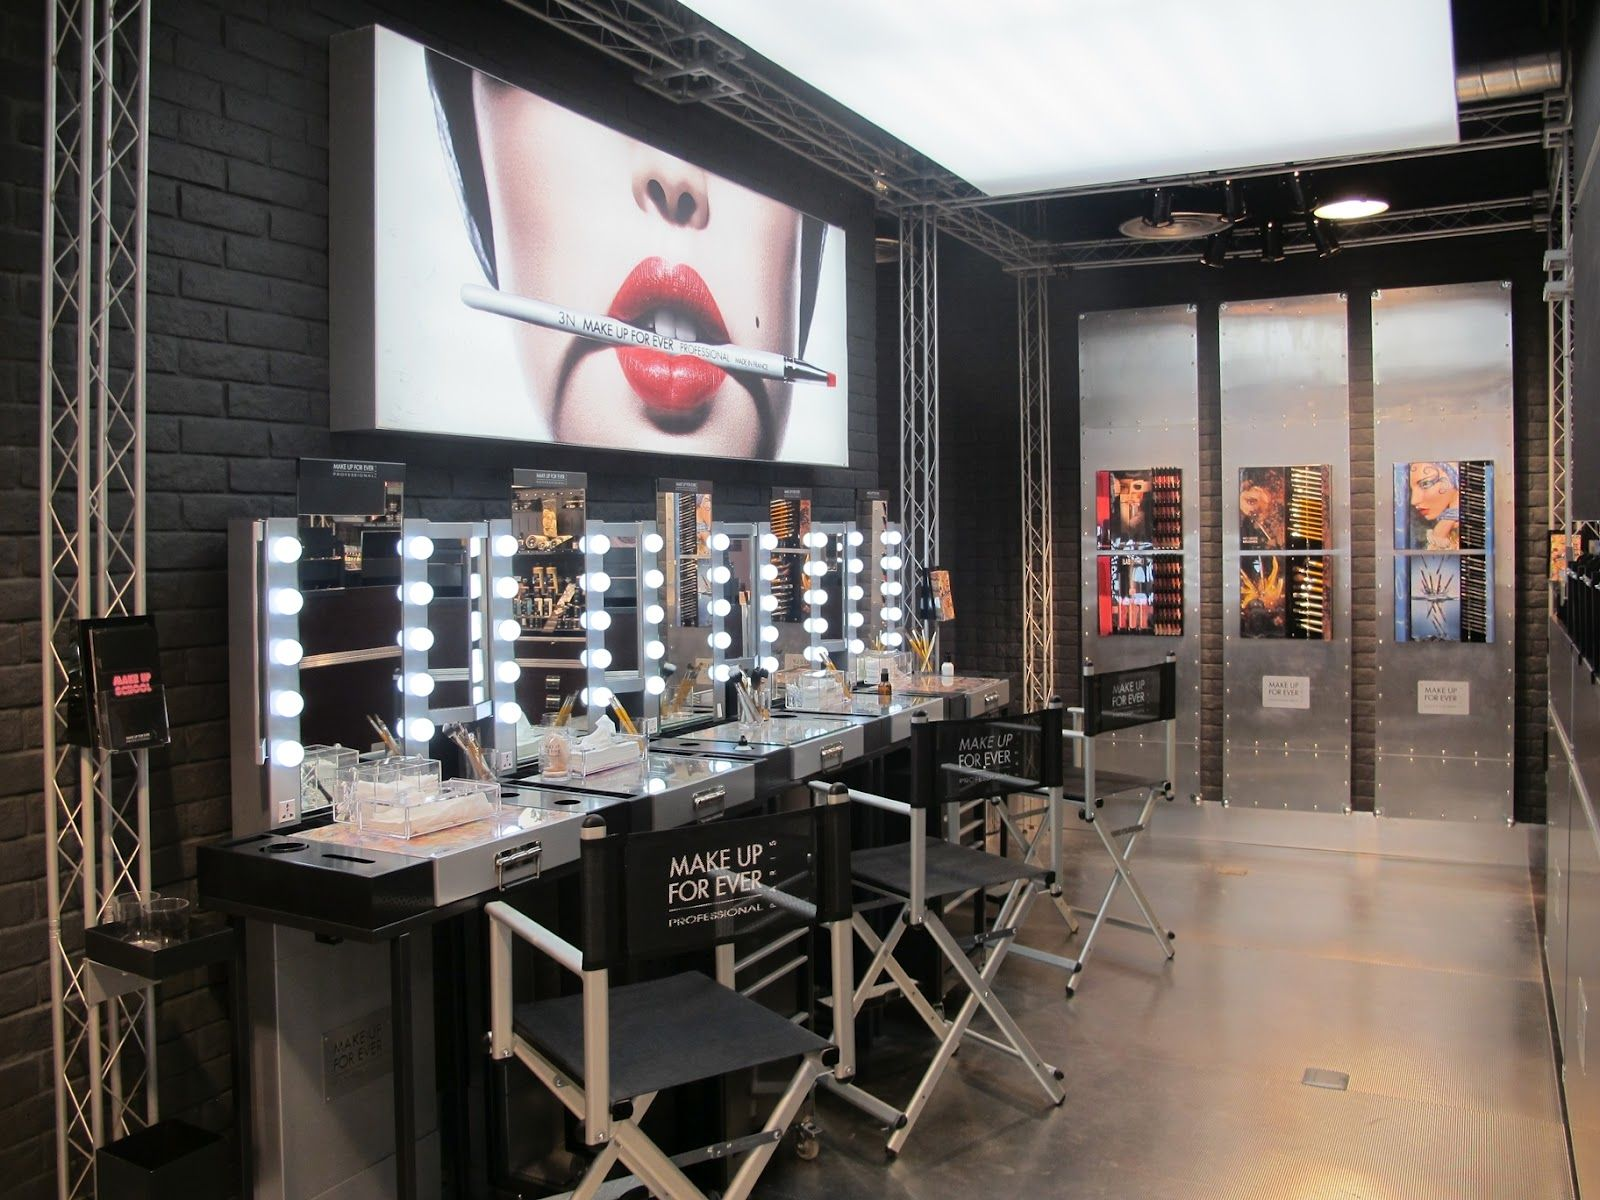 Salon interior futuristic salon interior design ciara 39 s shop in 2019 salon interior design - Bar salon design ...